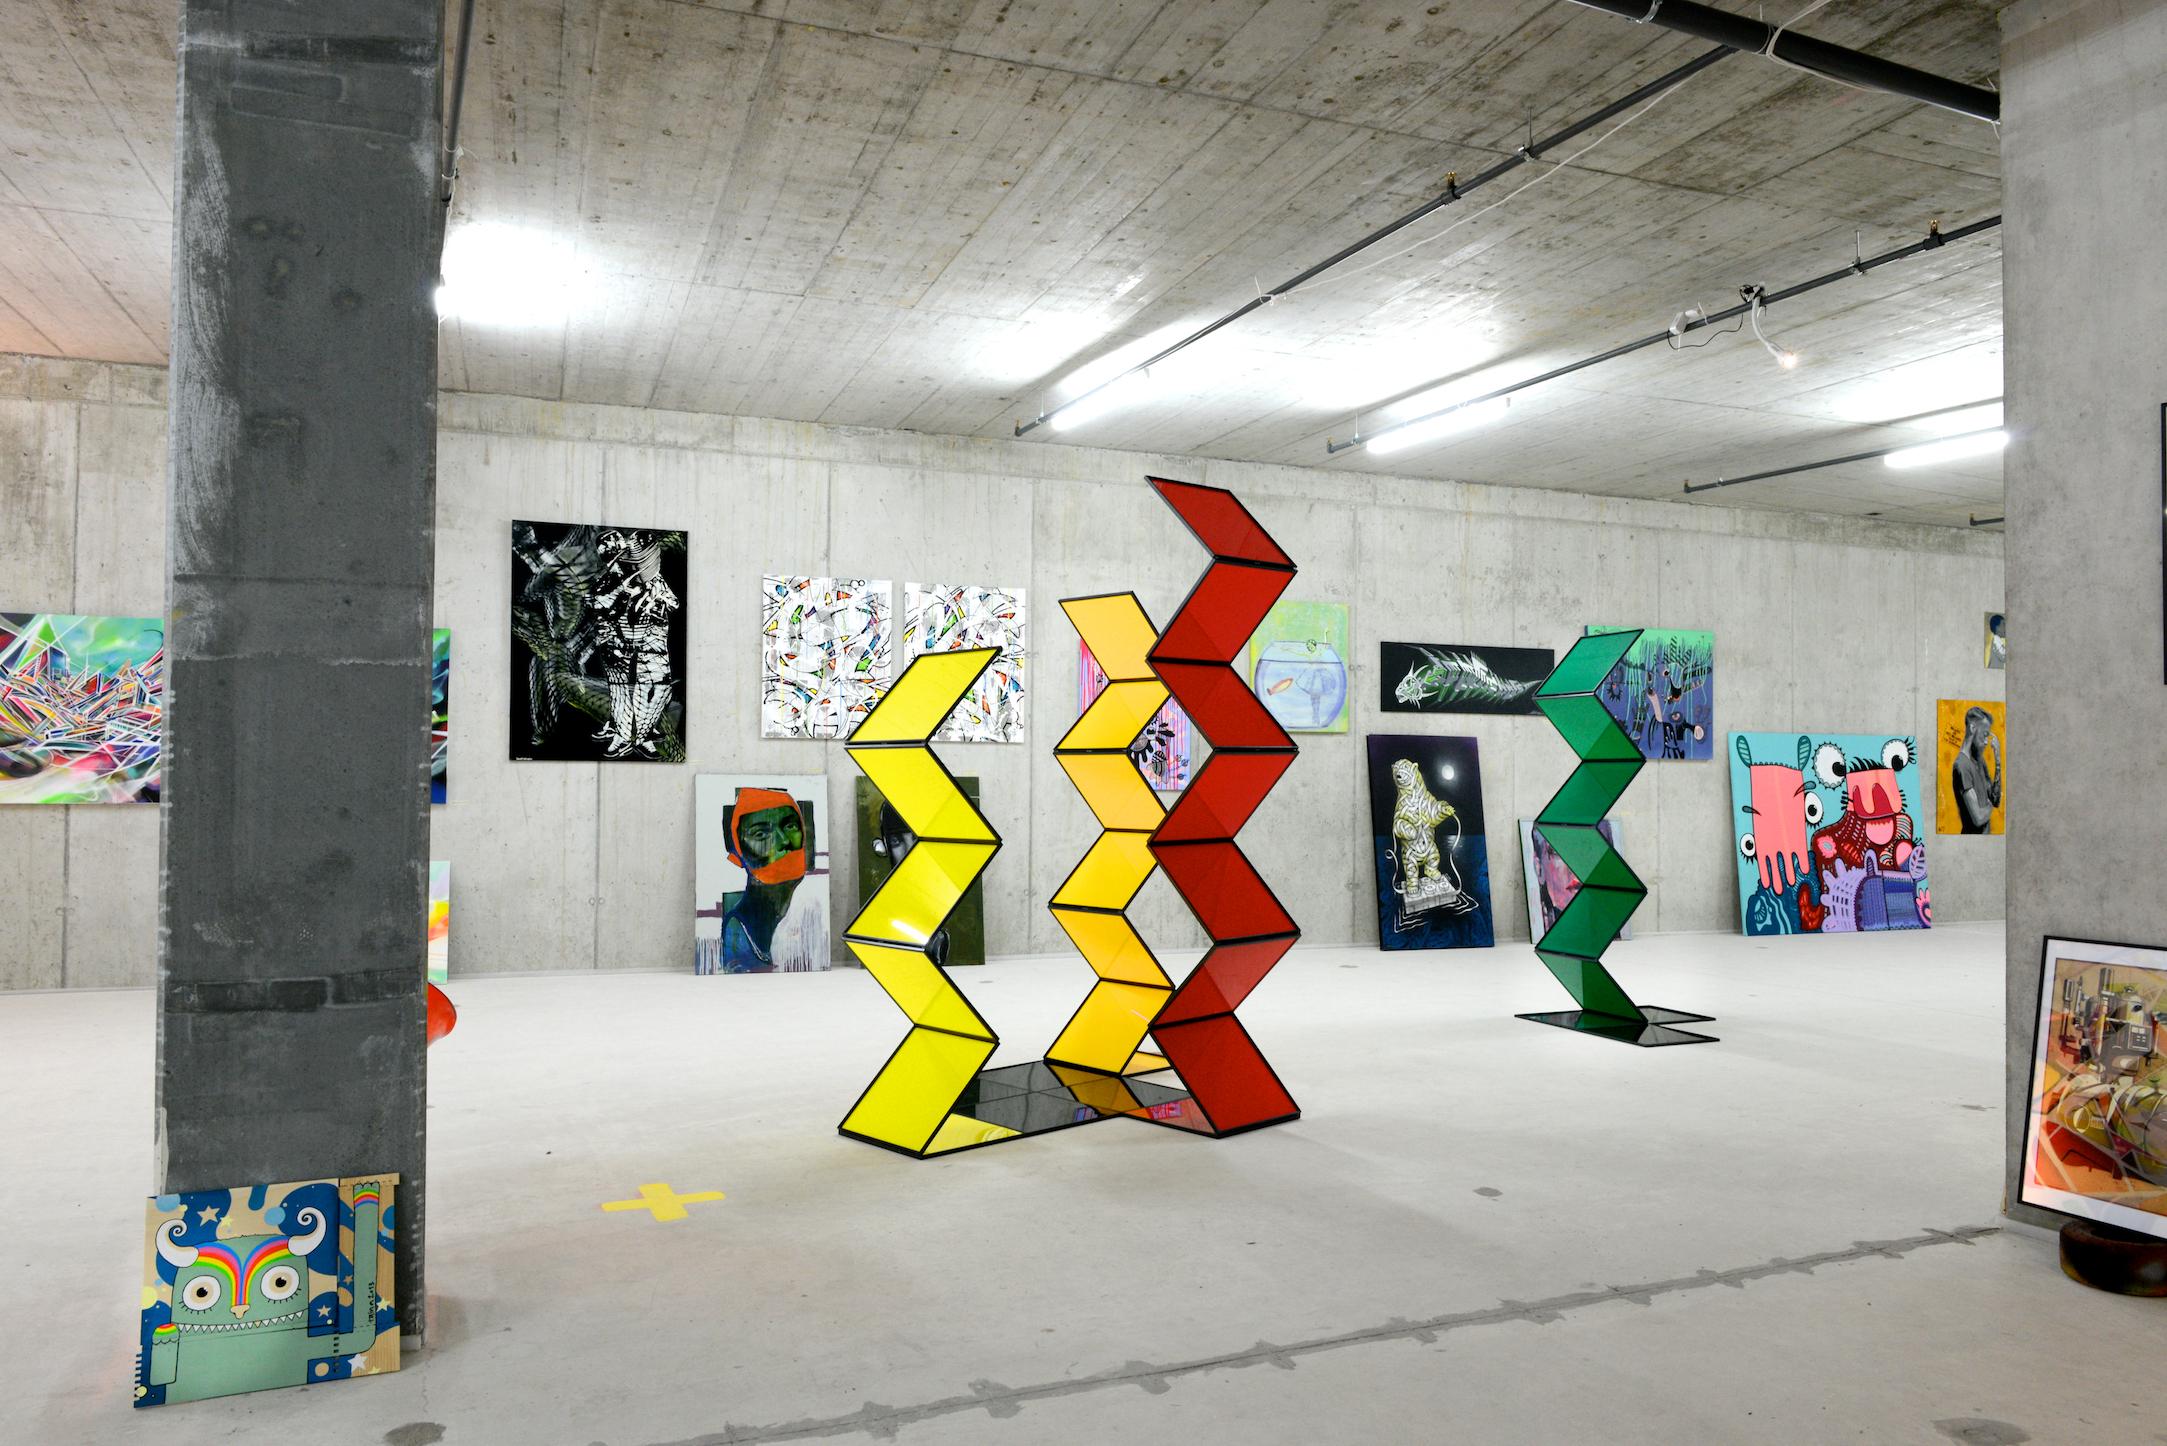 Dauerausstellung Streetart.Limited